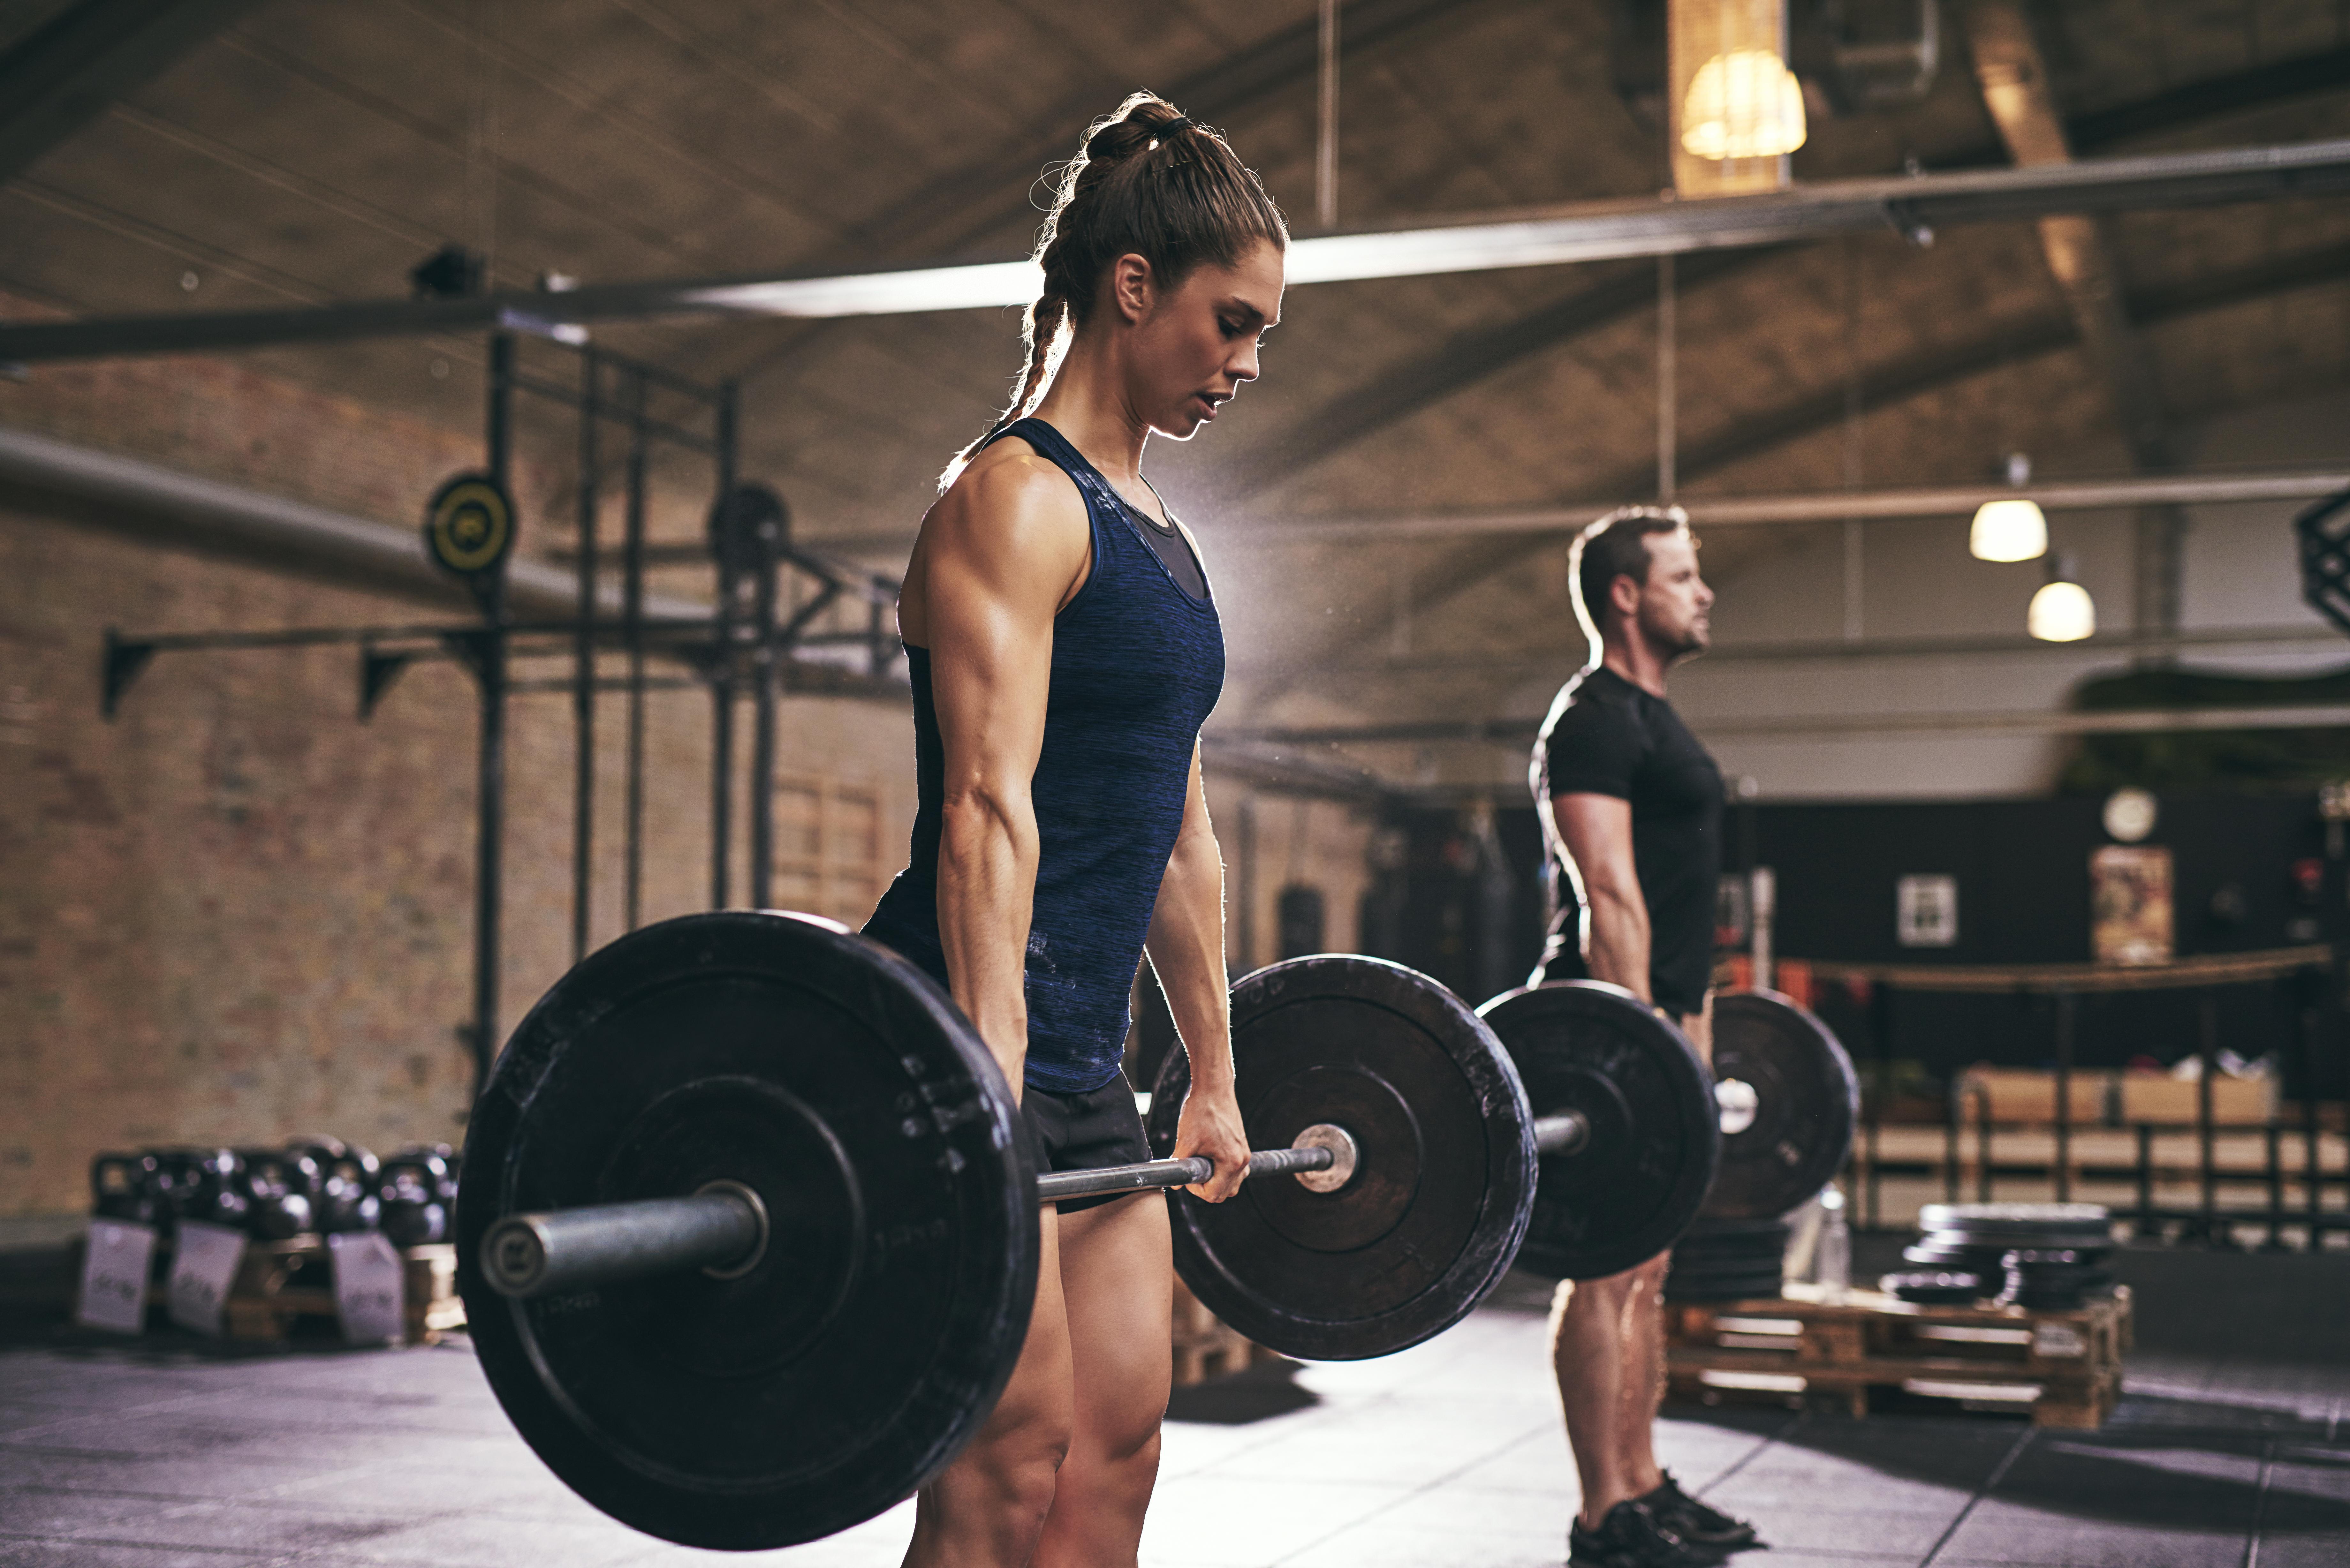 Семинар «Максимизация доходов от персонального тренинга фитнес-клуба»